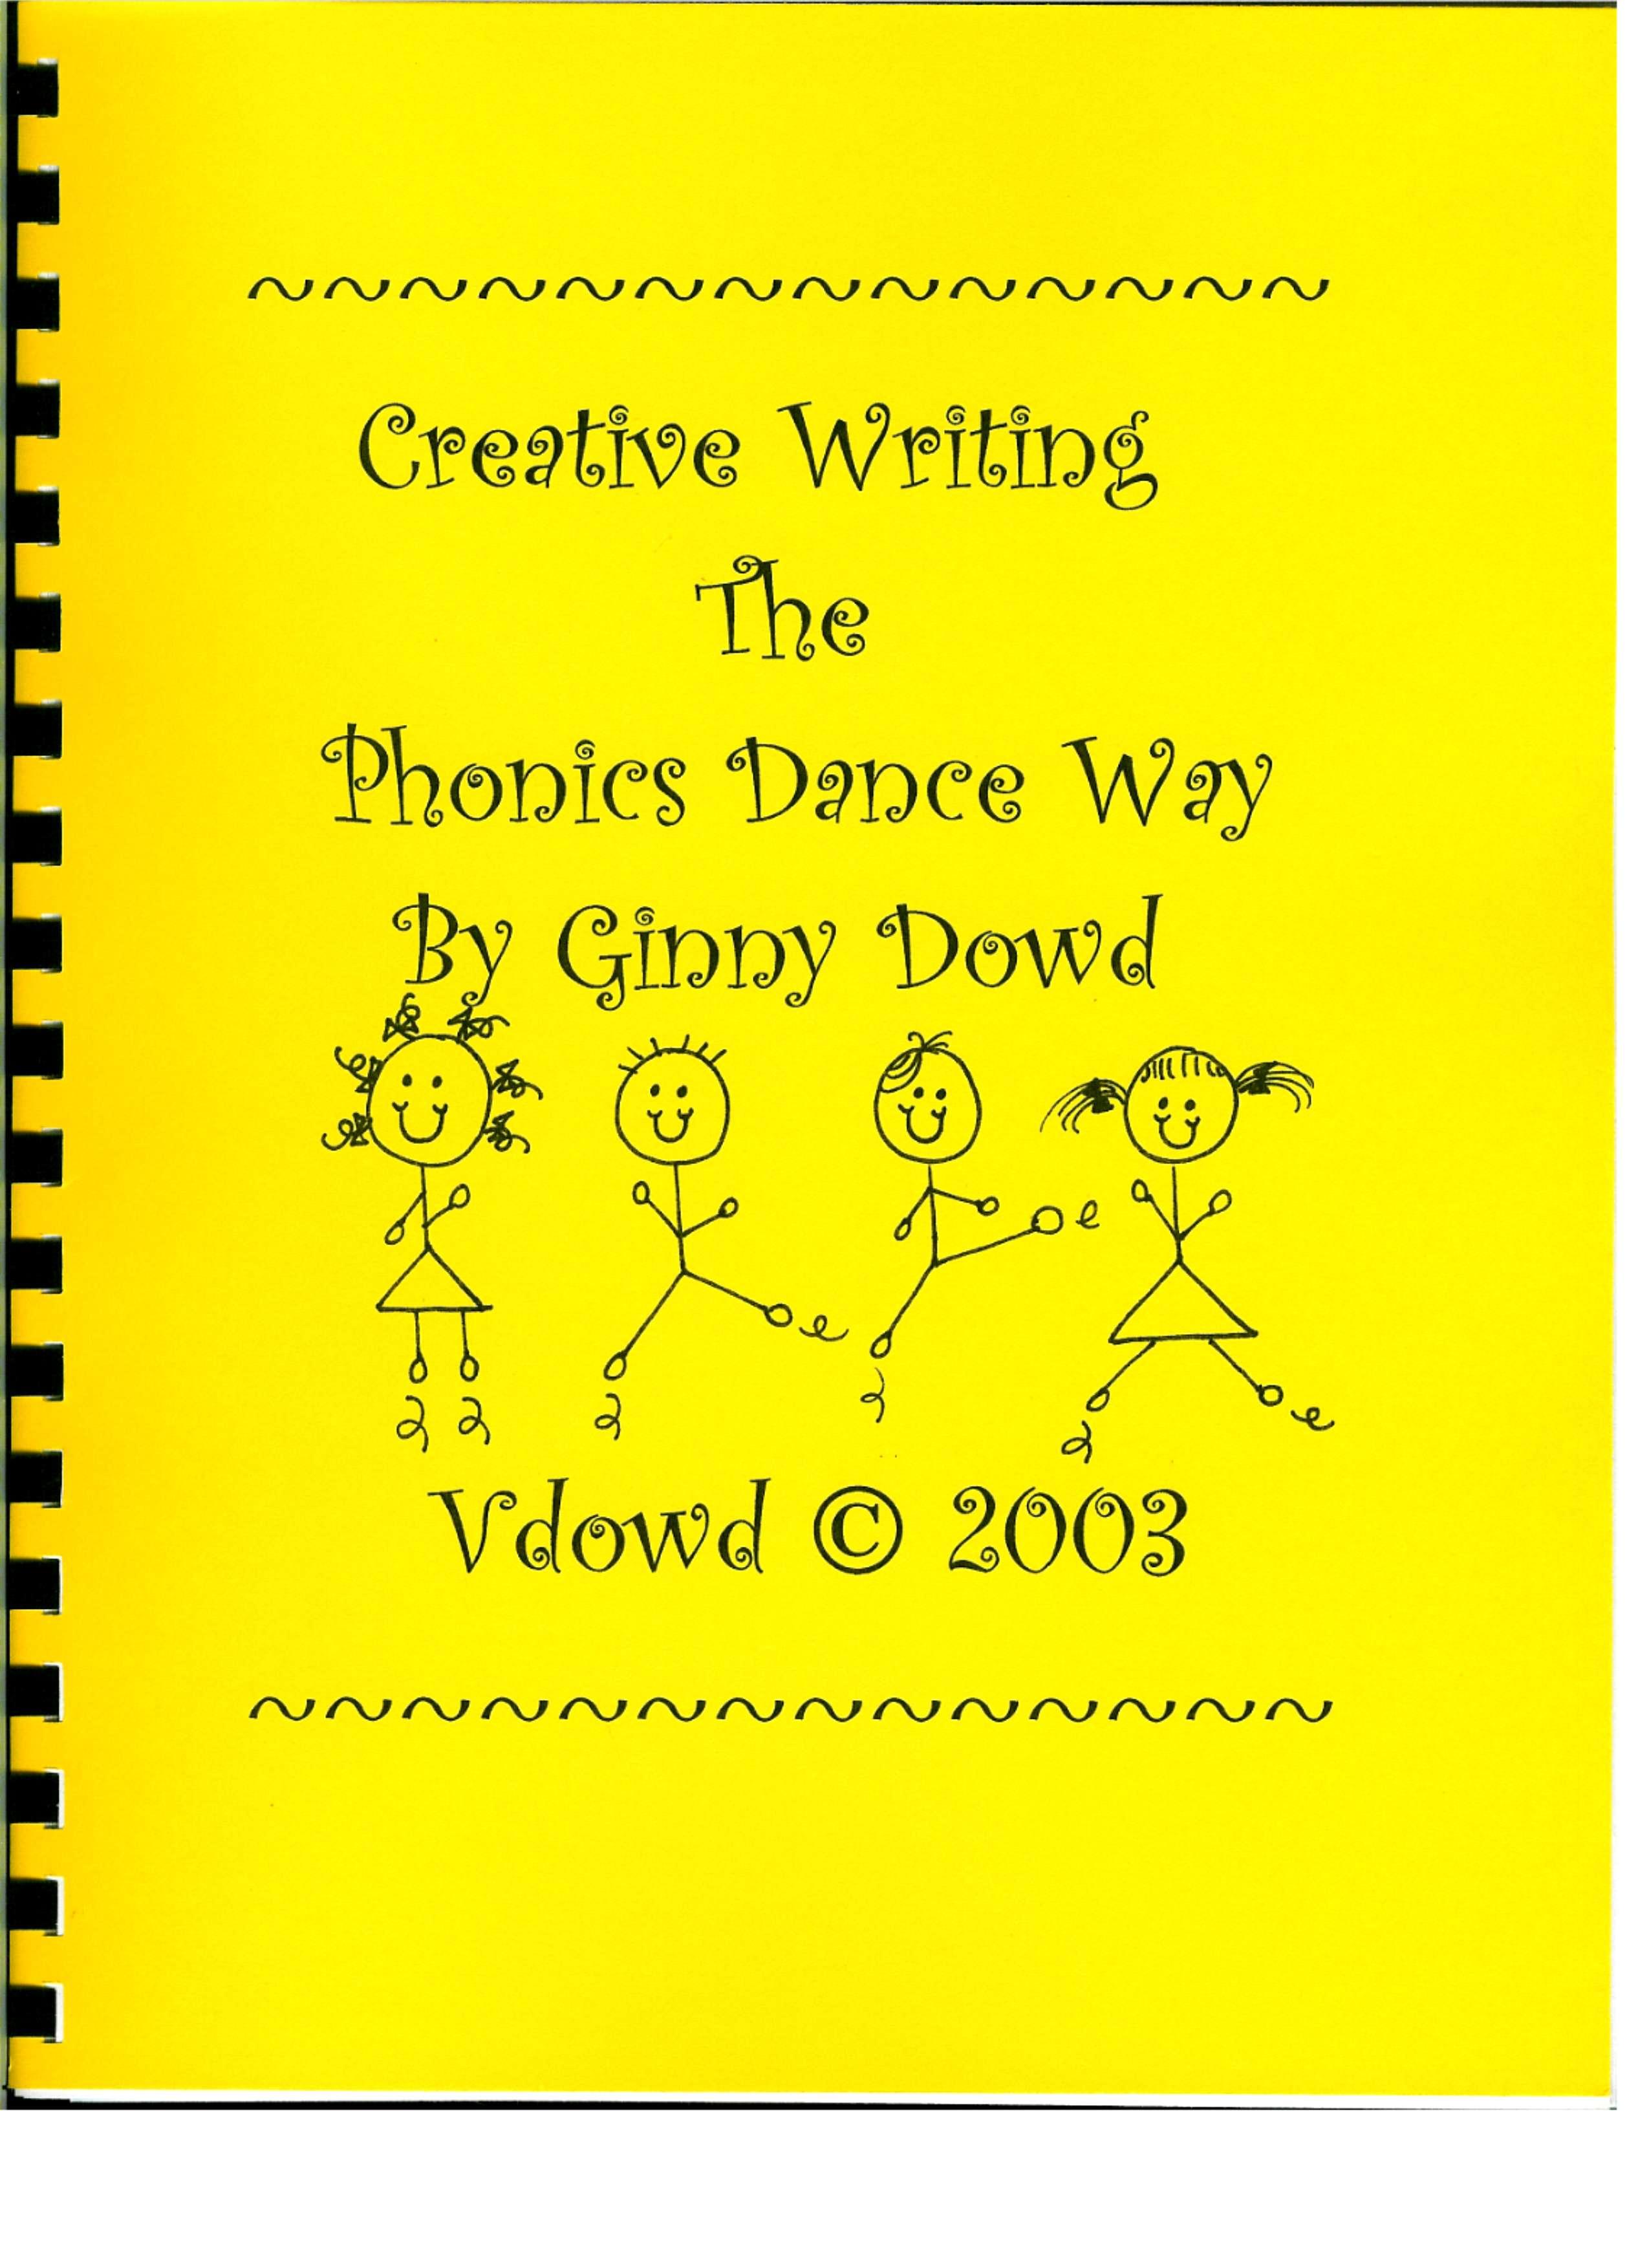 5th grade 5 paragraph essay topics image 3